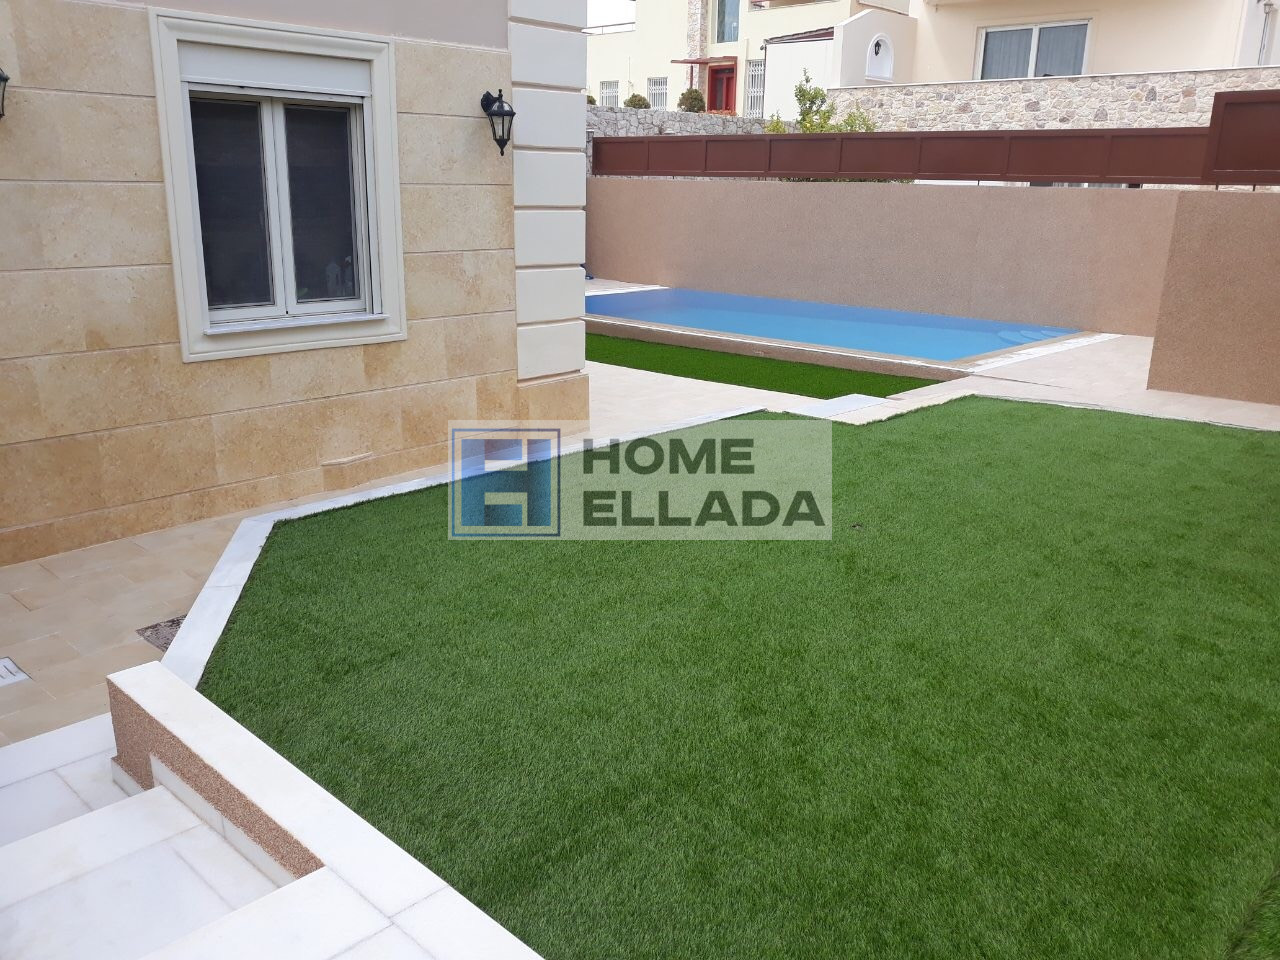 Сезонная аренда дома в Афинах с бассейном